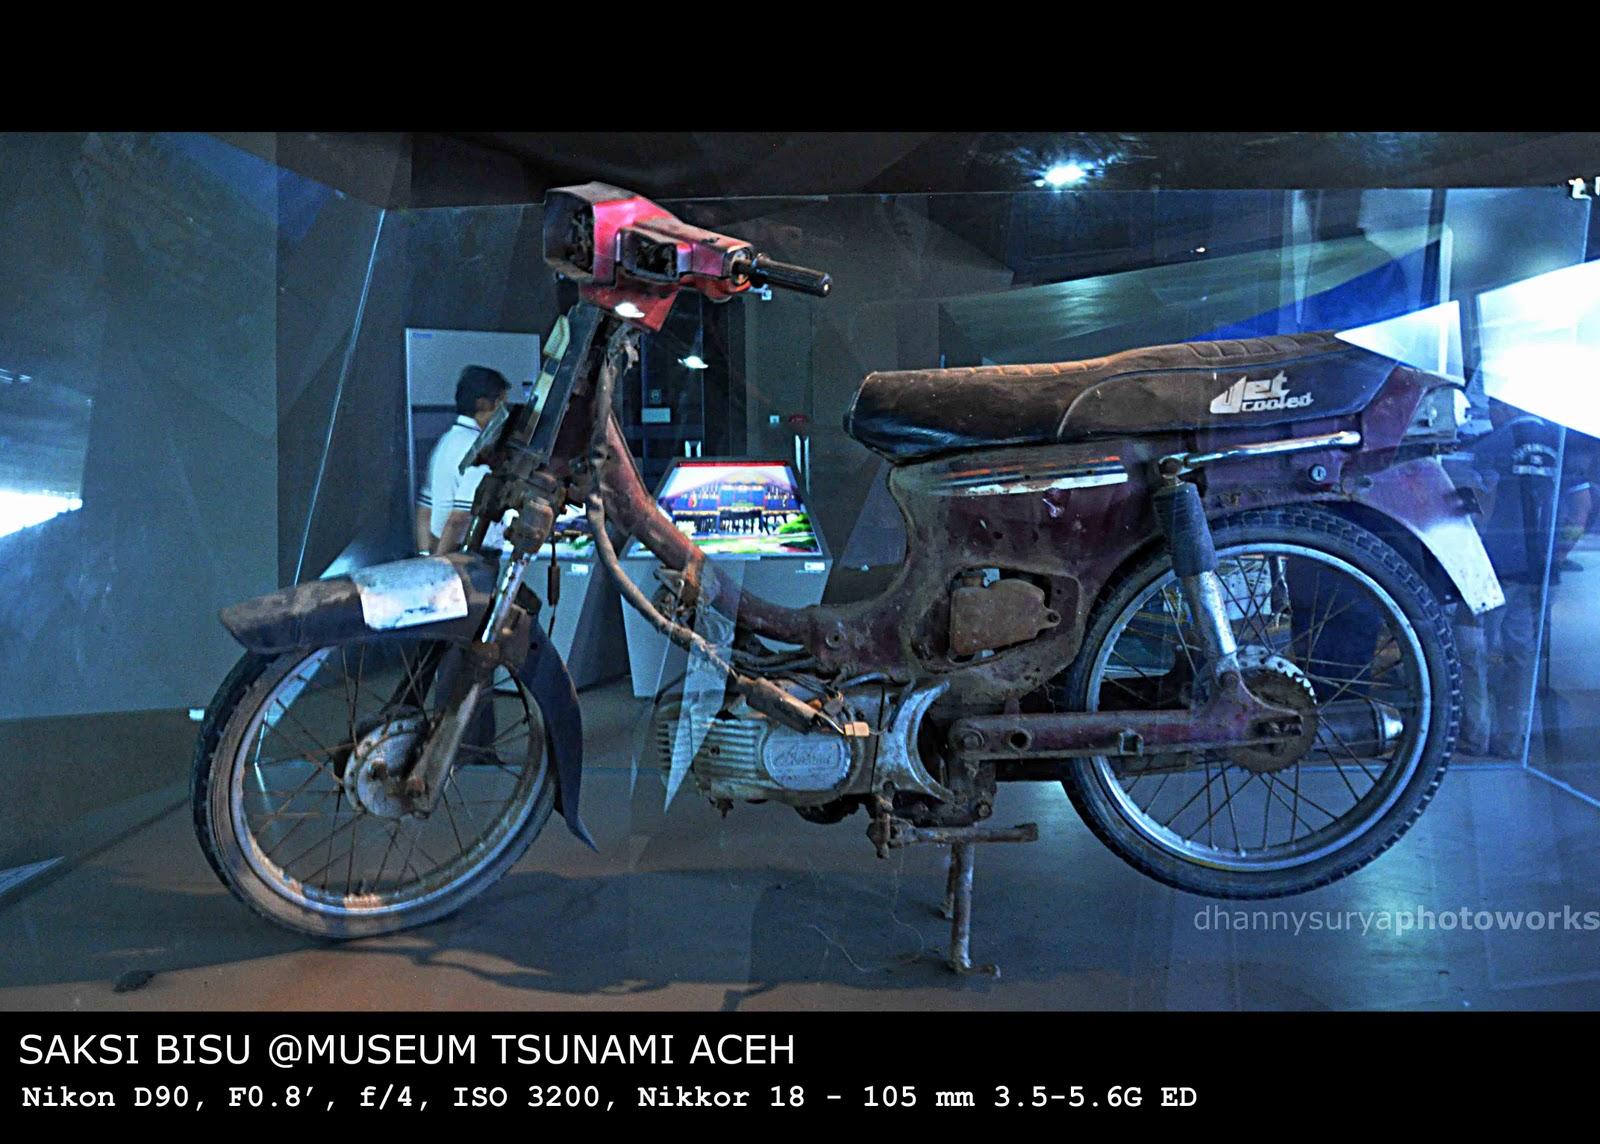 Dhannysurya Photoblog Museum Tsunami Aceh Menjumpai Kendaraan Dipergunakan Mendistribusikan Bantuan